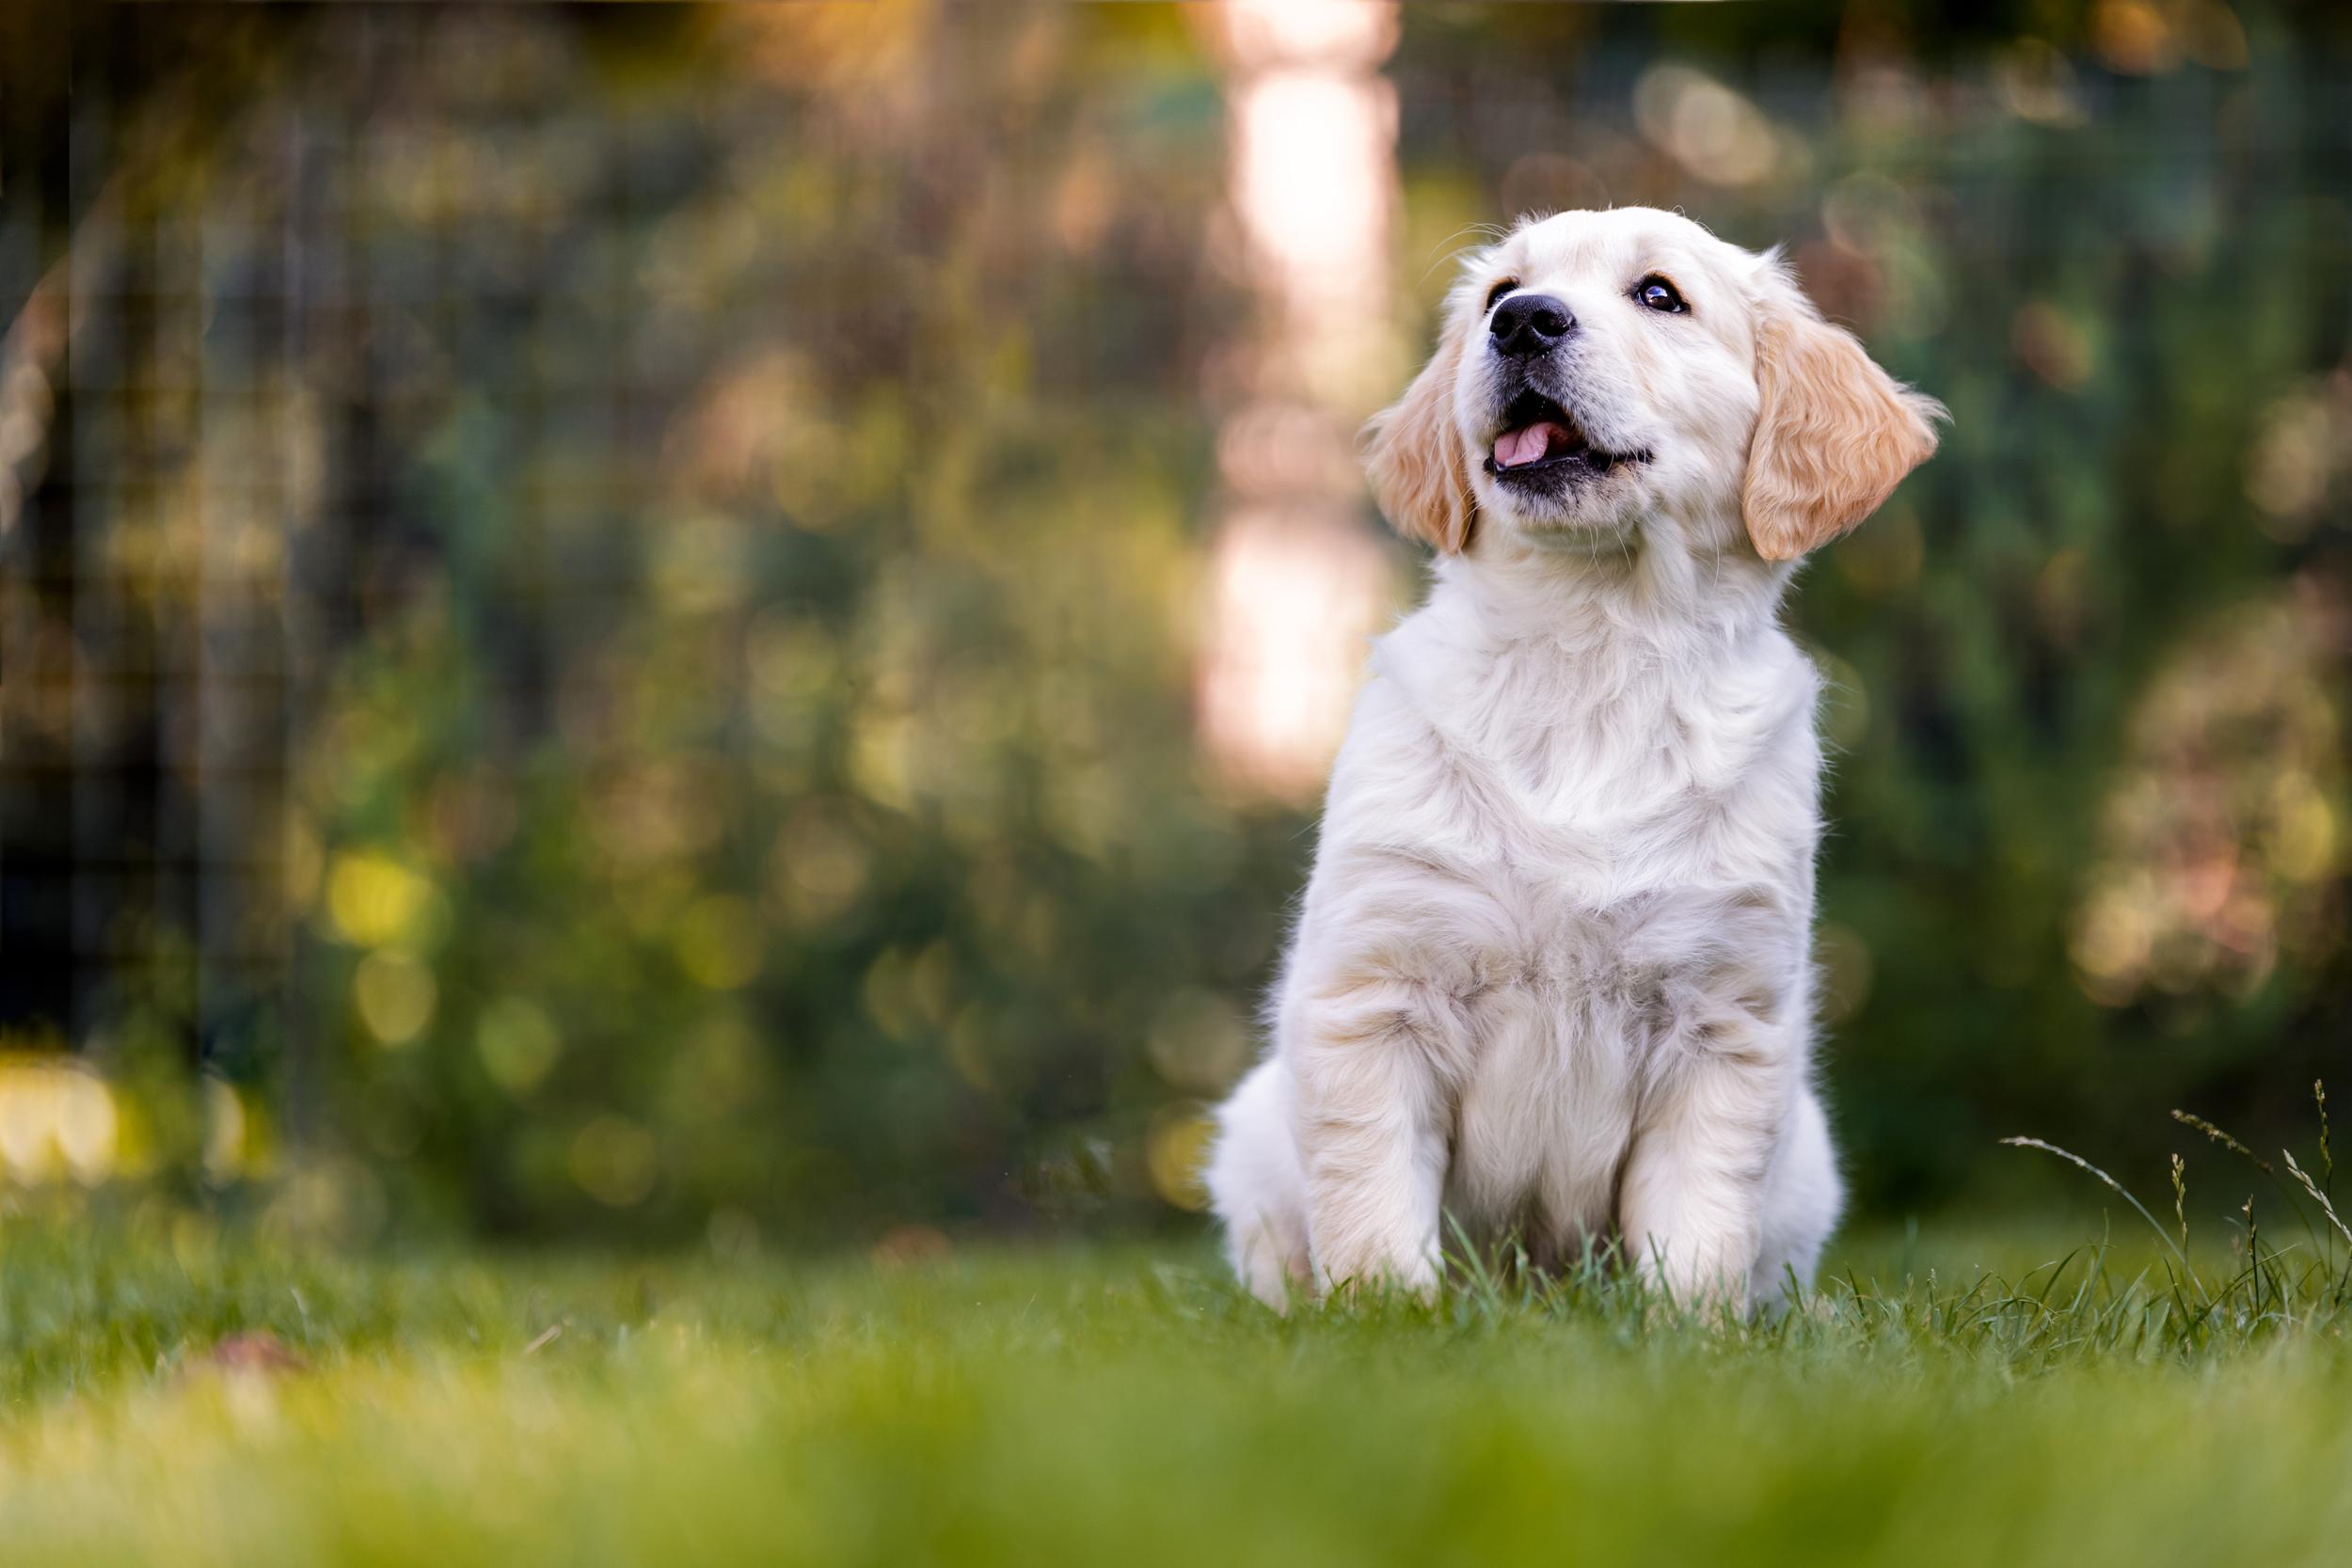 Hundefotografie rund um Basel: Golden Retriever Welpe im Gras sitzend